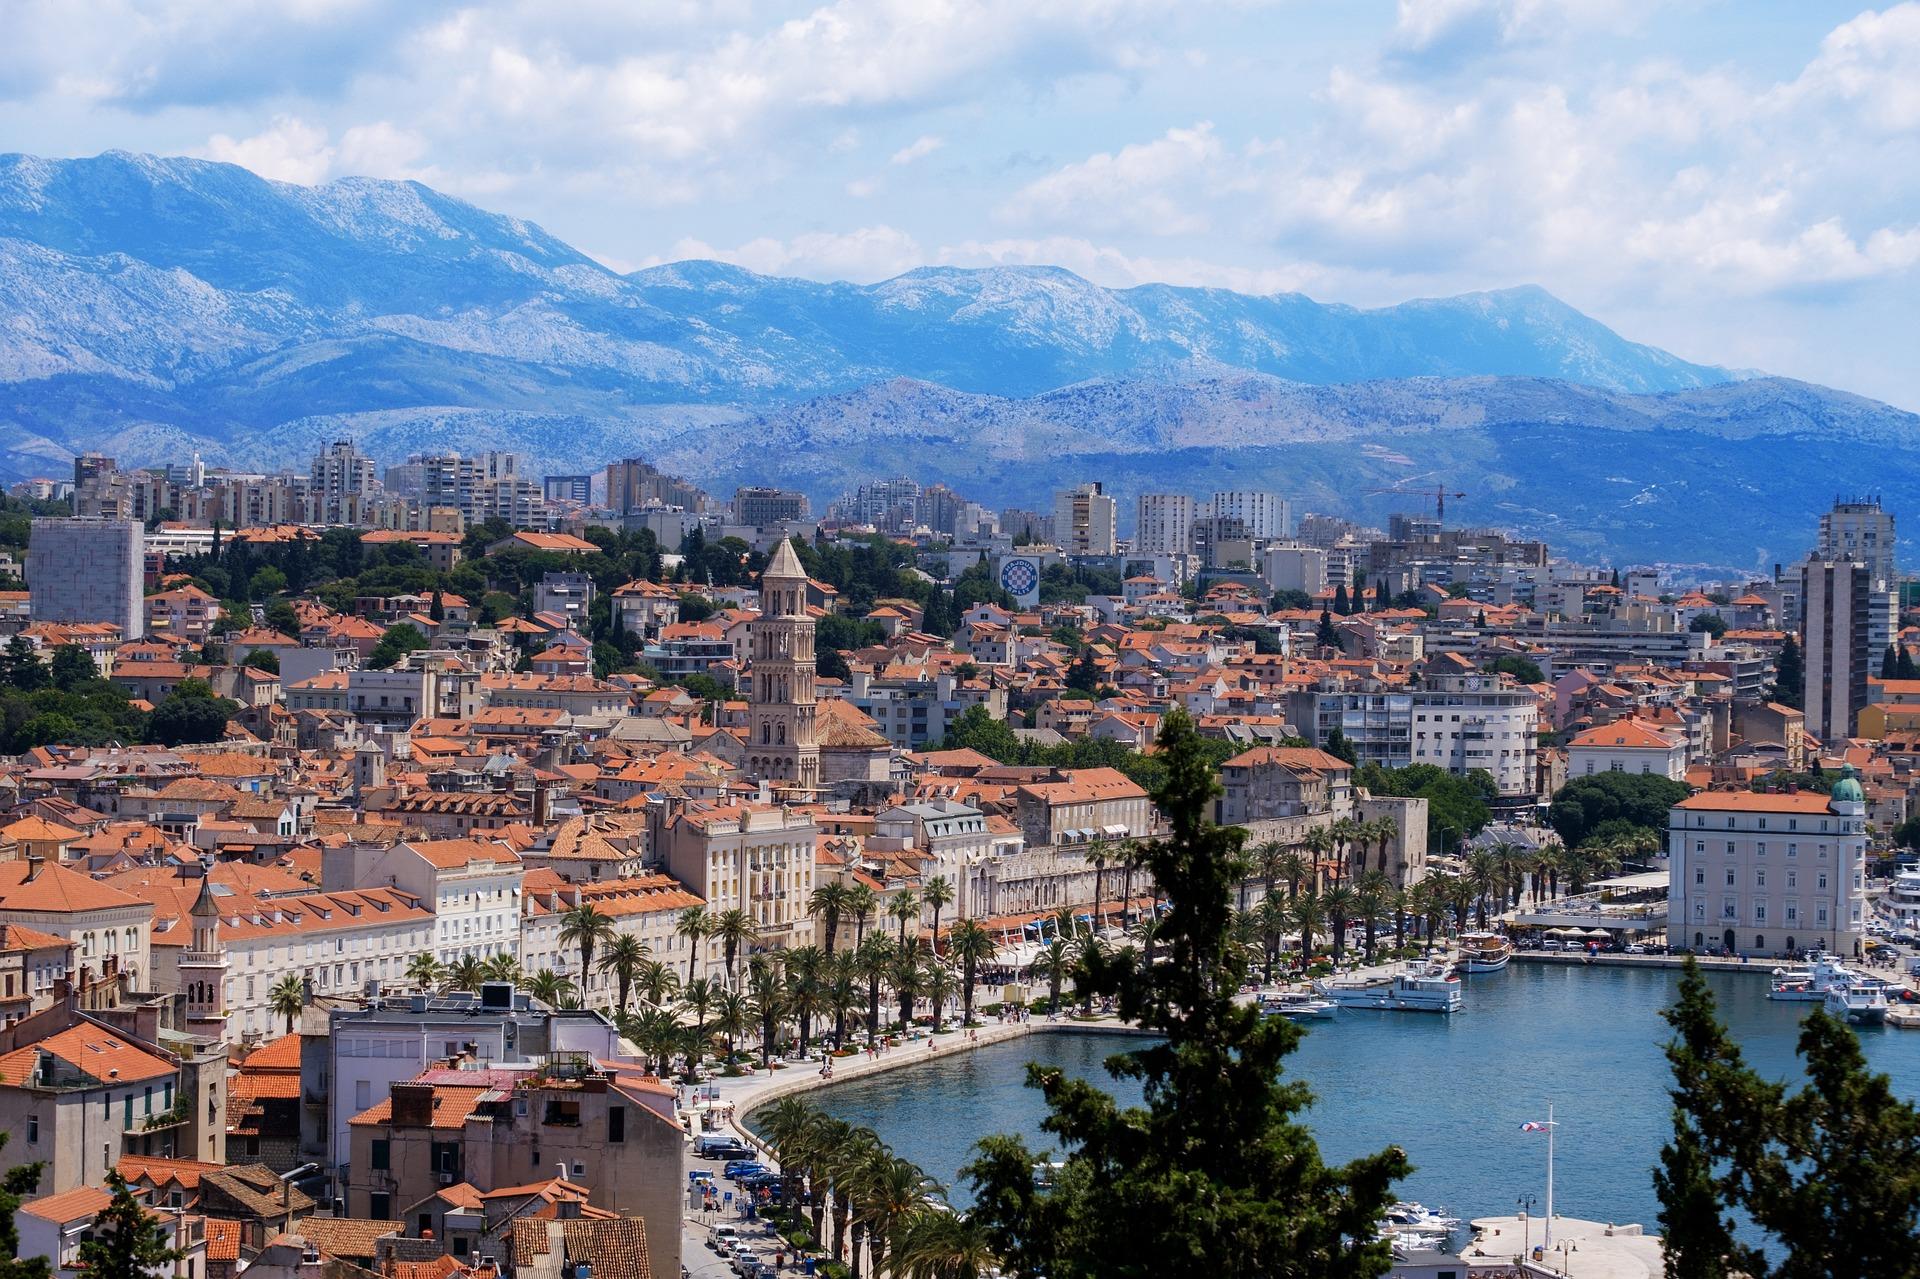 Vue sur la ville de Split avec les montagnes en arrière plan